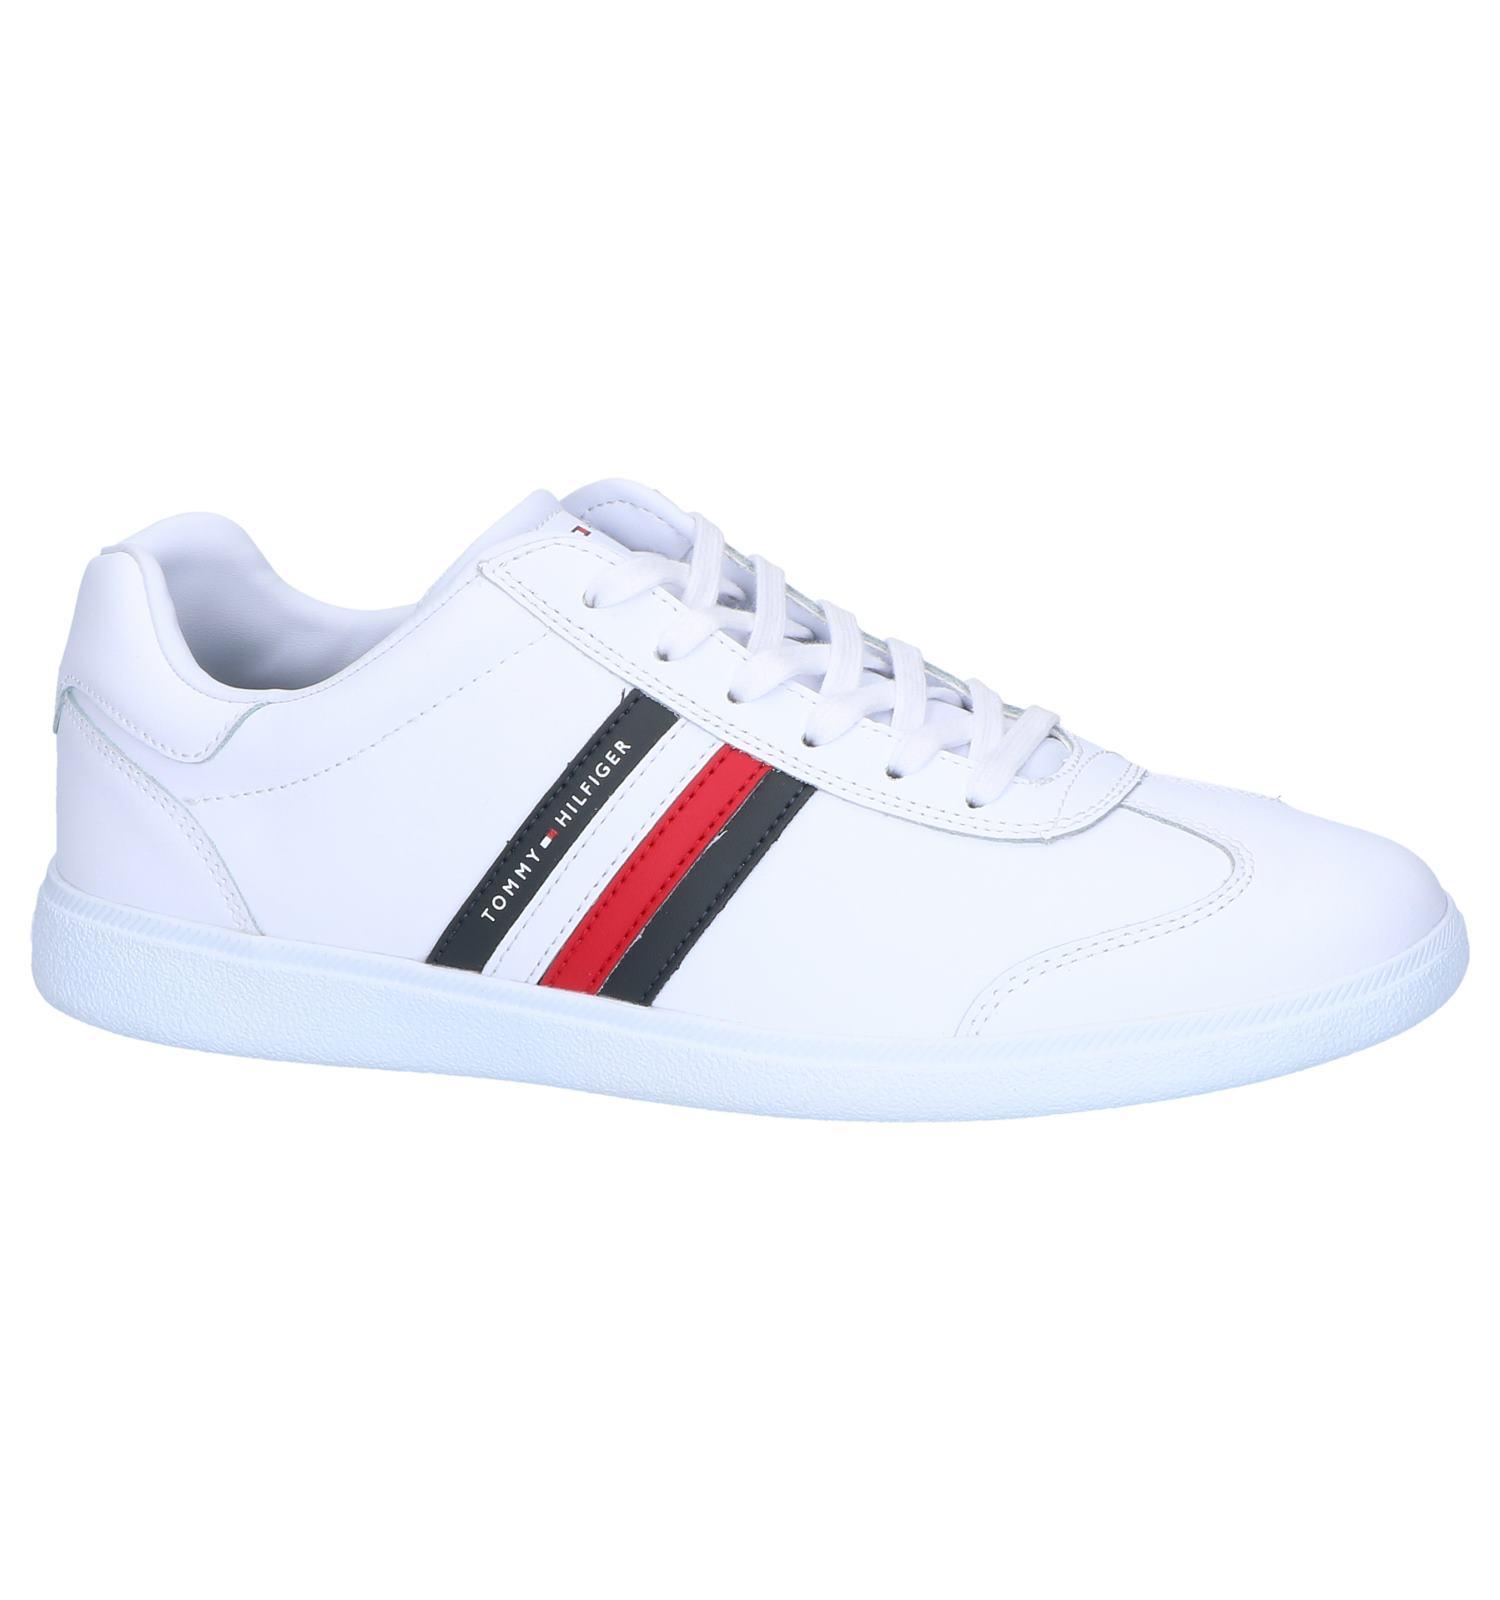 a4f20eee7f9716 Tommy Hilfiger Chaussures basses (Blanc) | TORFS.BE | Livraison et retour  gratuits